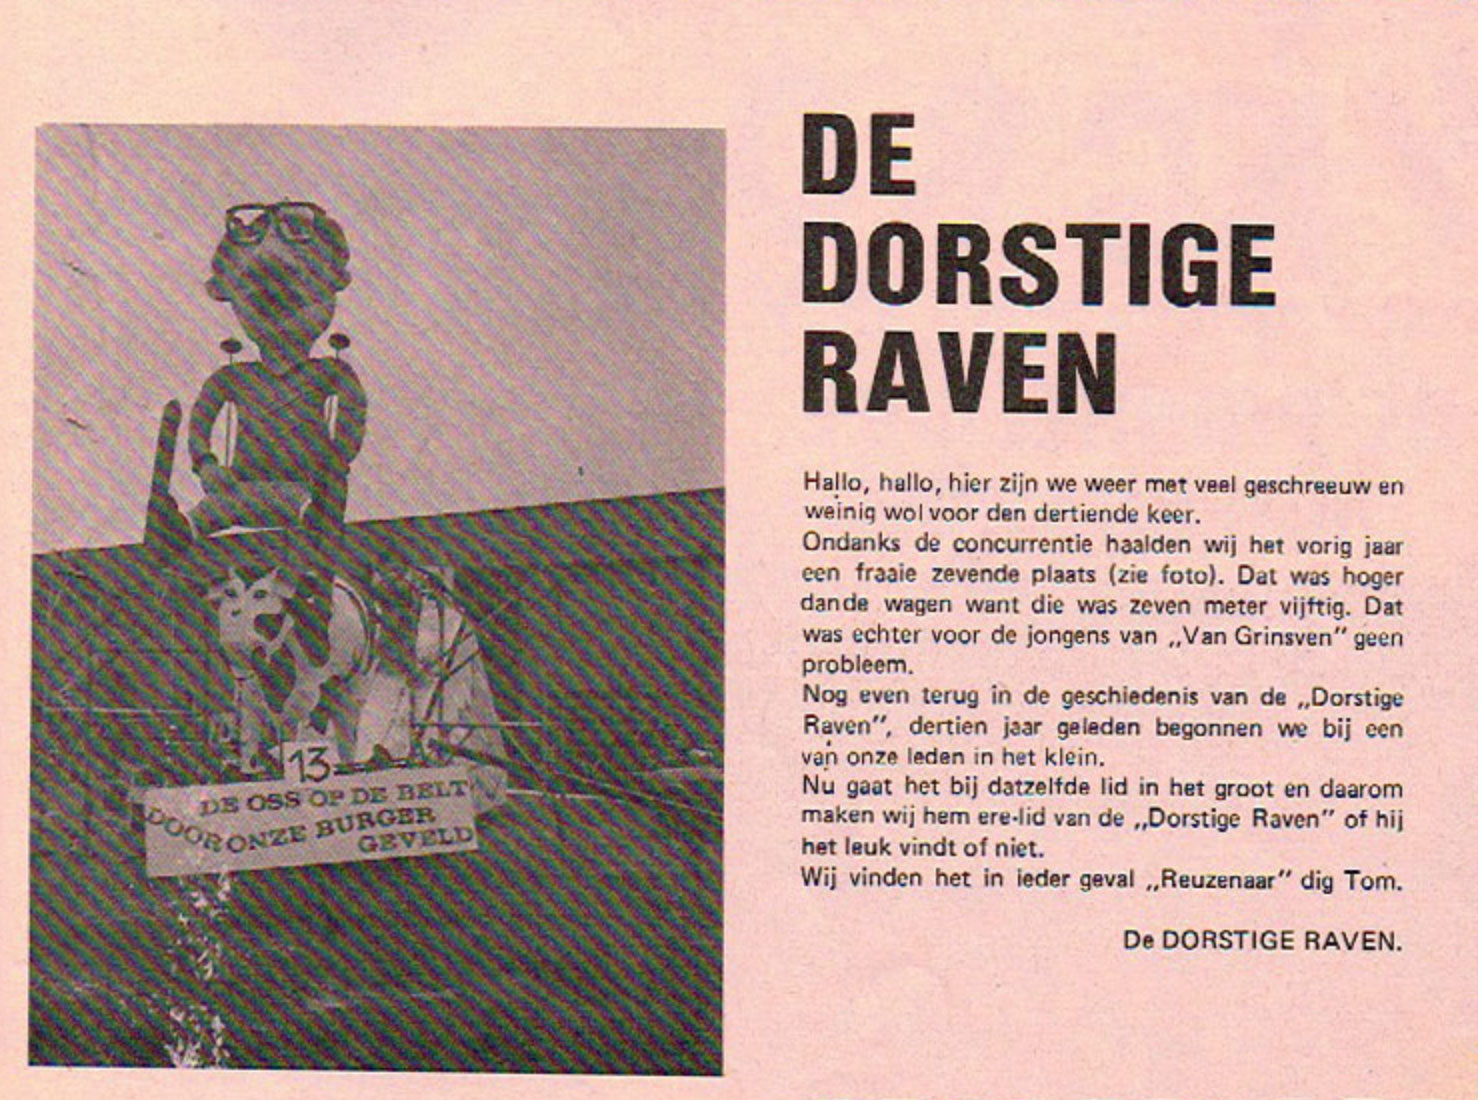 Stukje uit de carnavalskrant van de Dorstige Raven - 1980